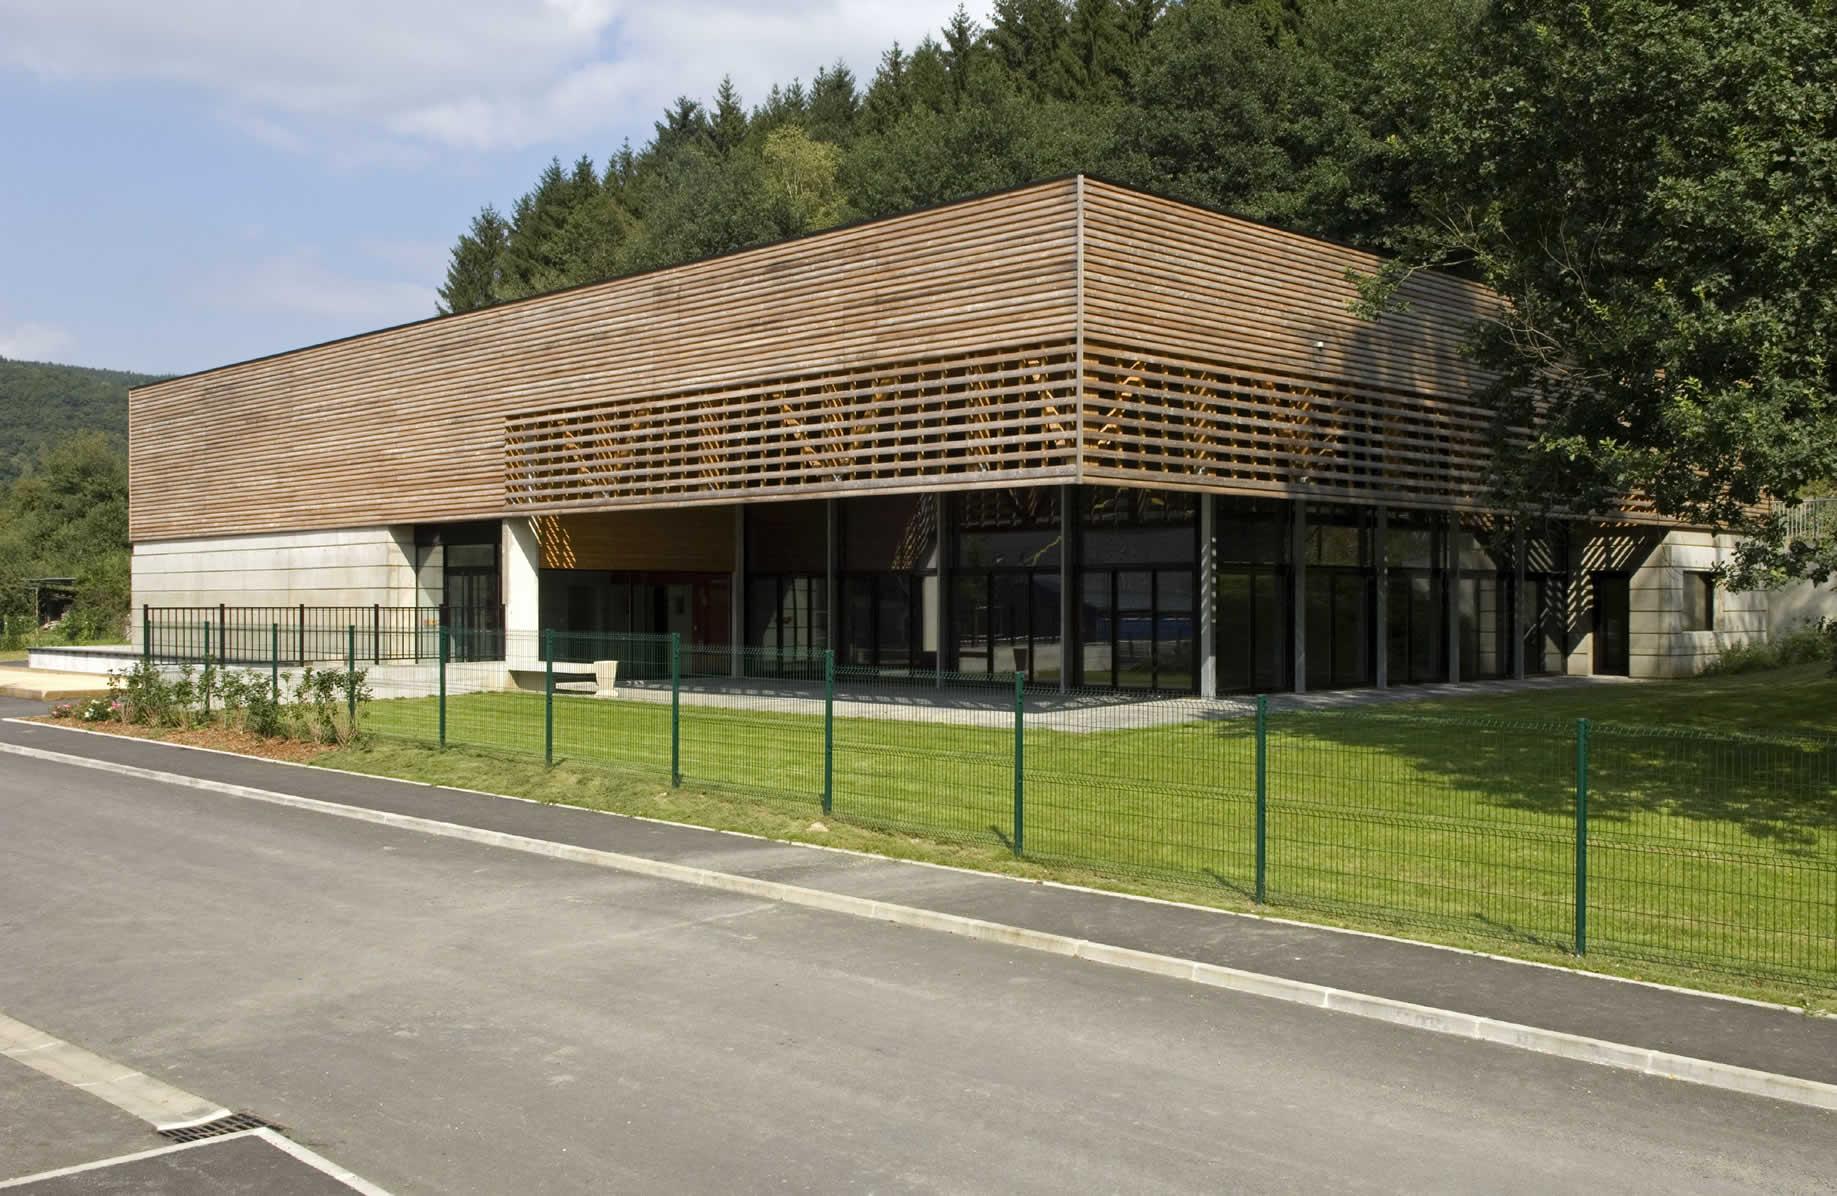 Salle polyvalente des Hautes Rivières - AMA Architectes